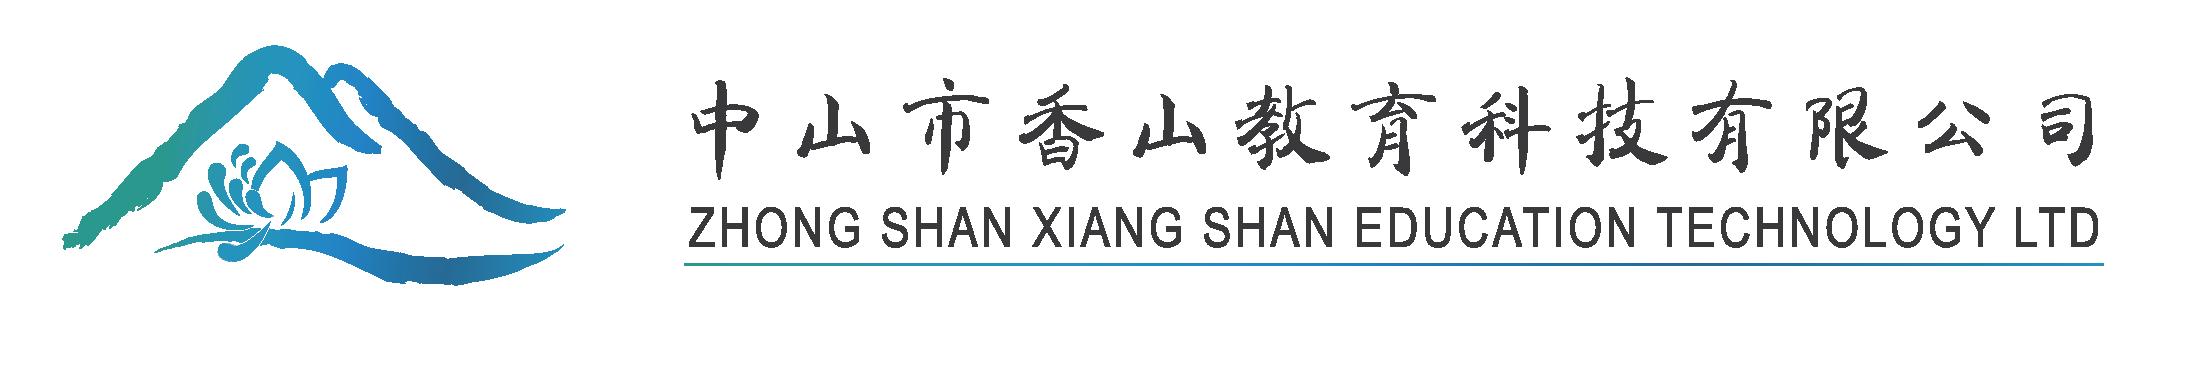 中山市香山教育科技有限公司 _國際人才網_job001.cn